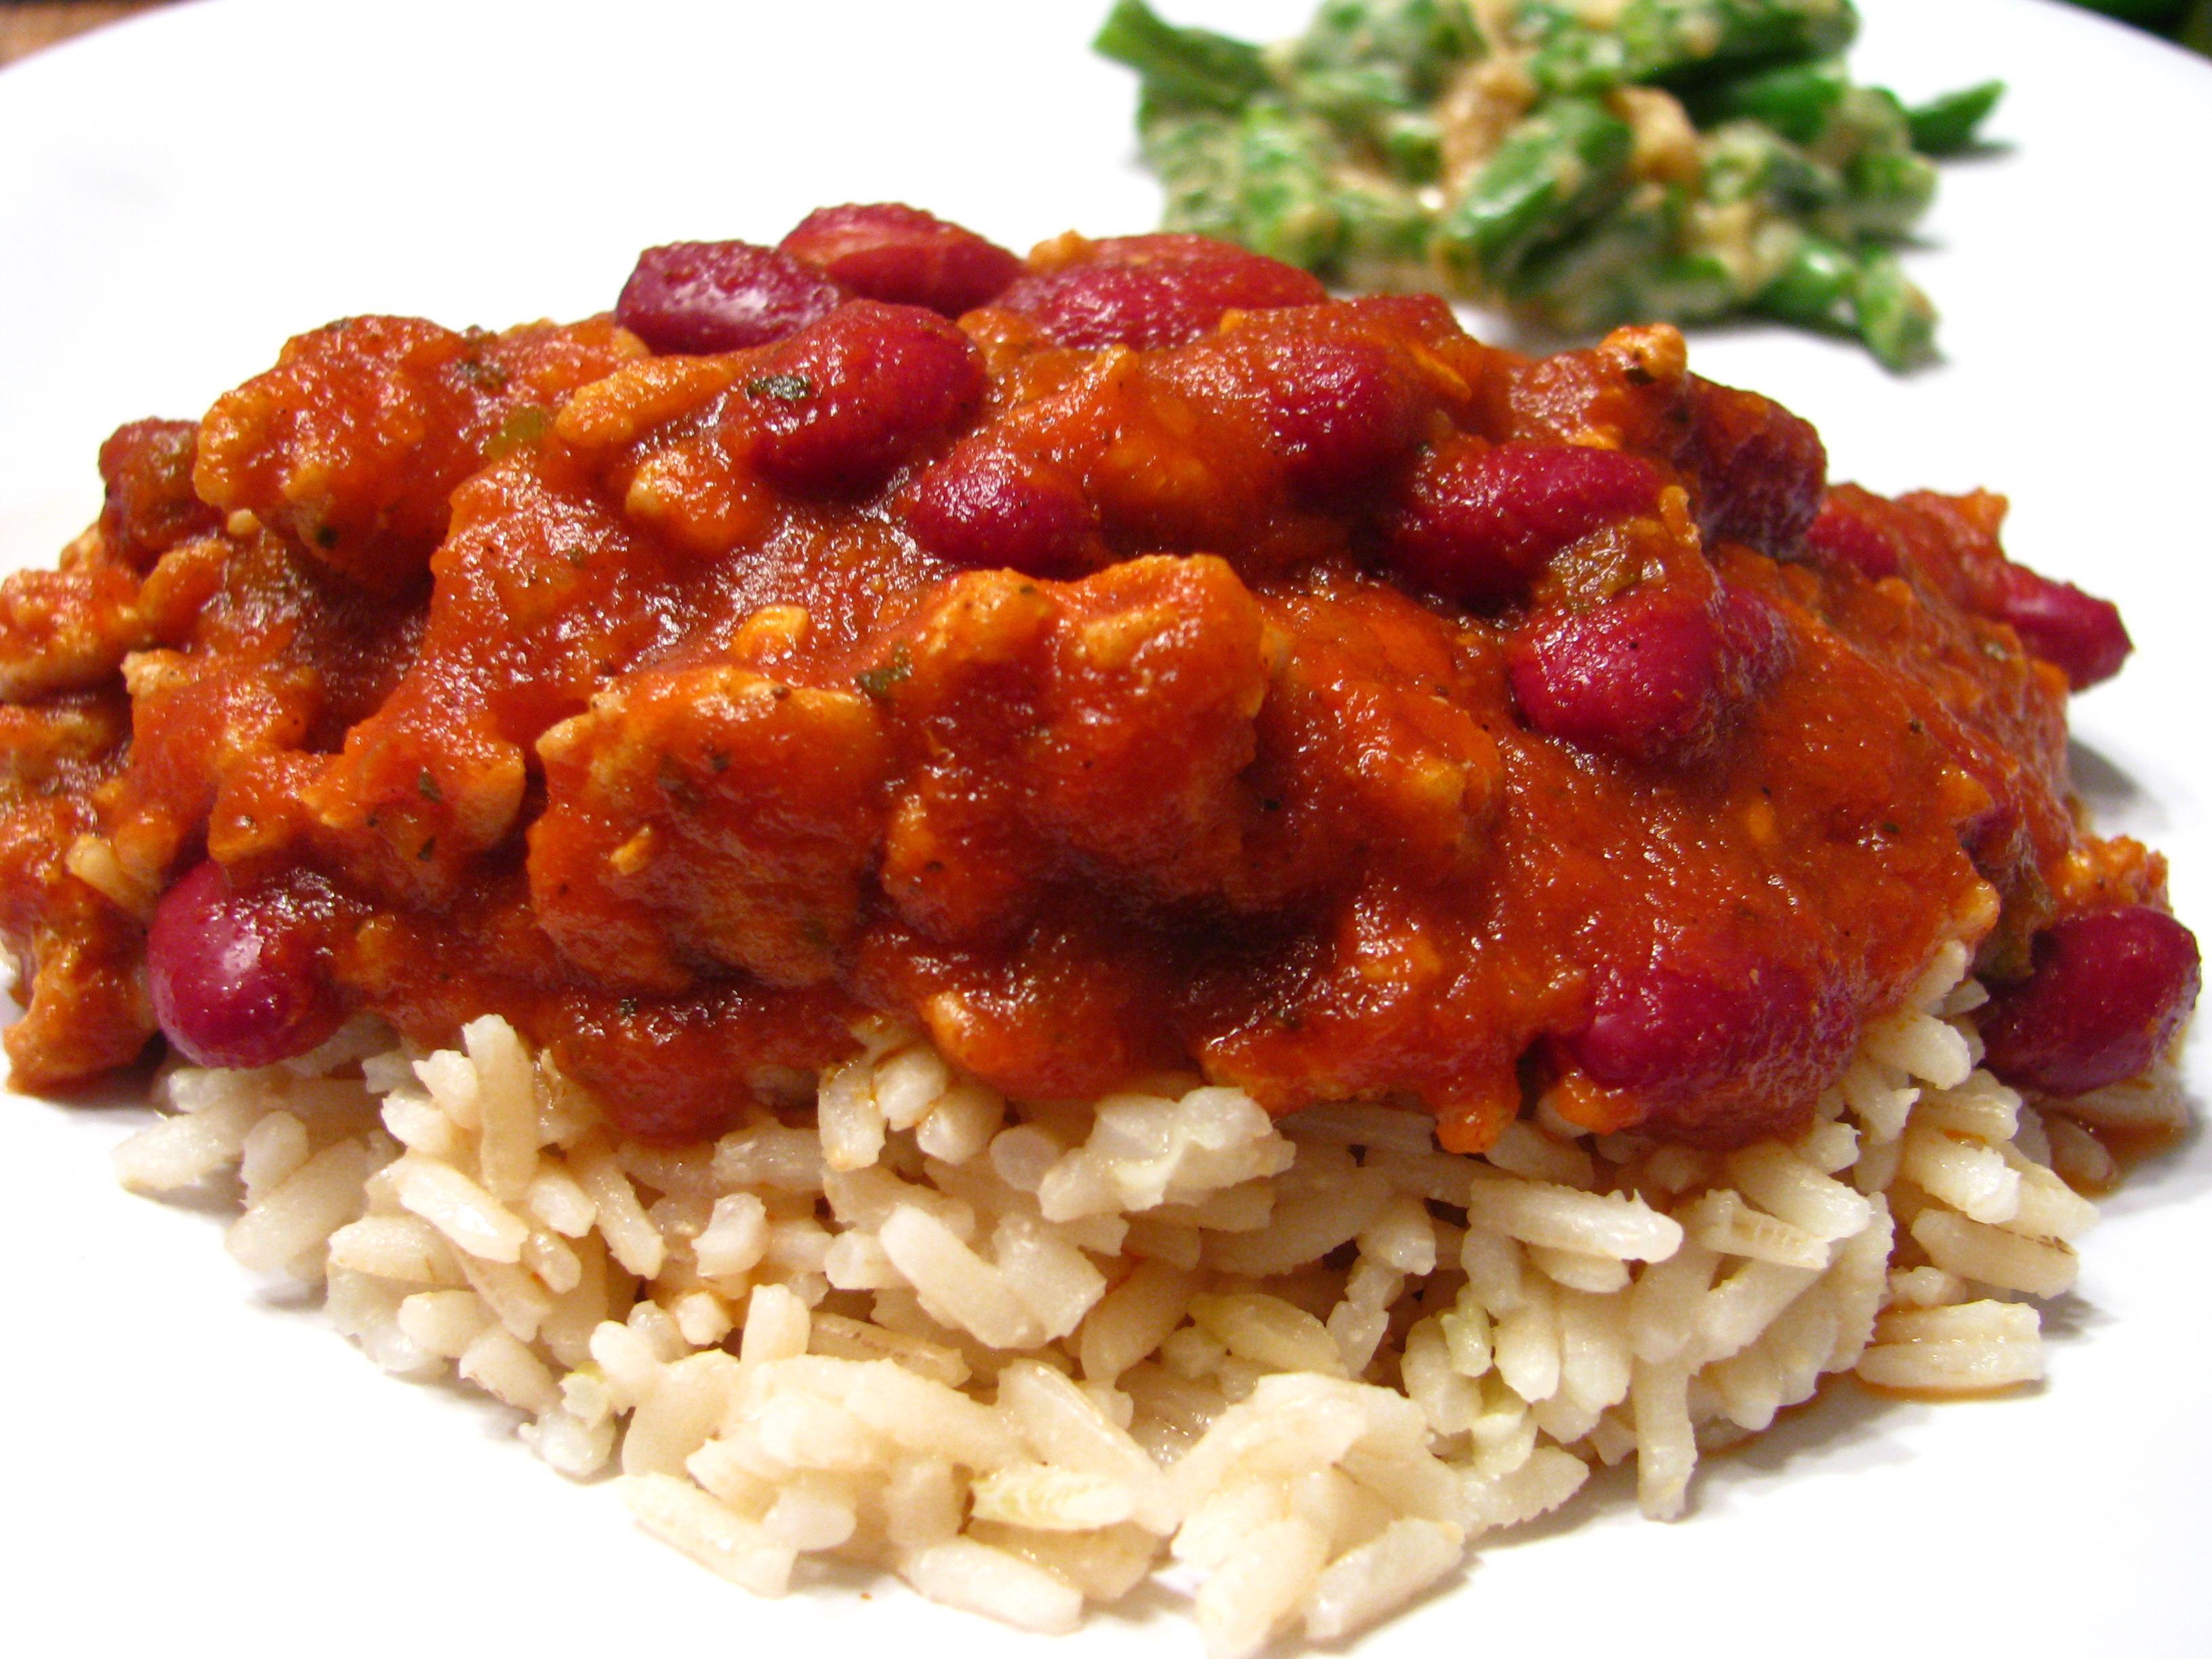 Ground Chicken Chili  15 Best Ground Chicken Recipes And Ideas Food